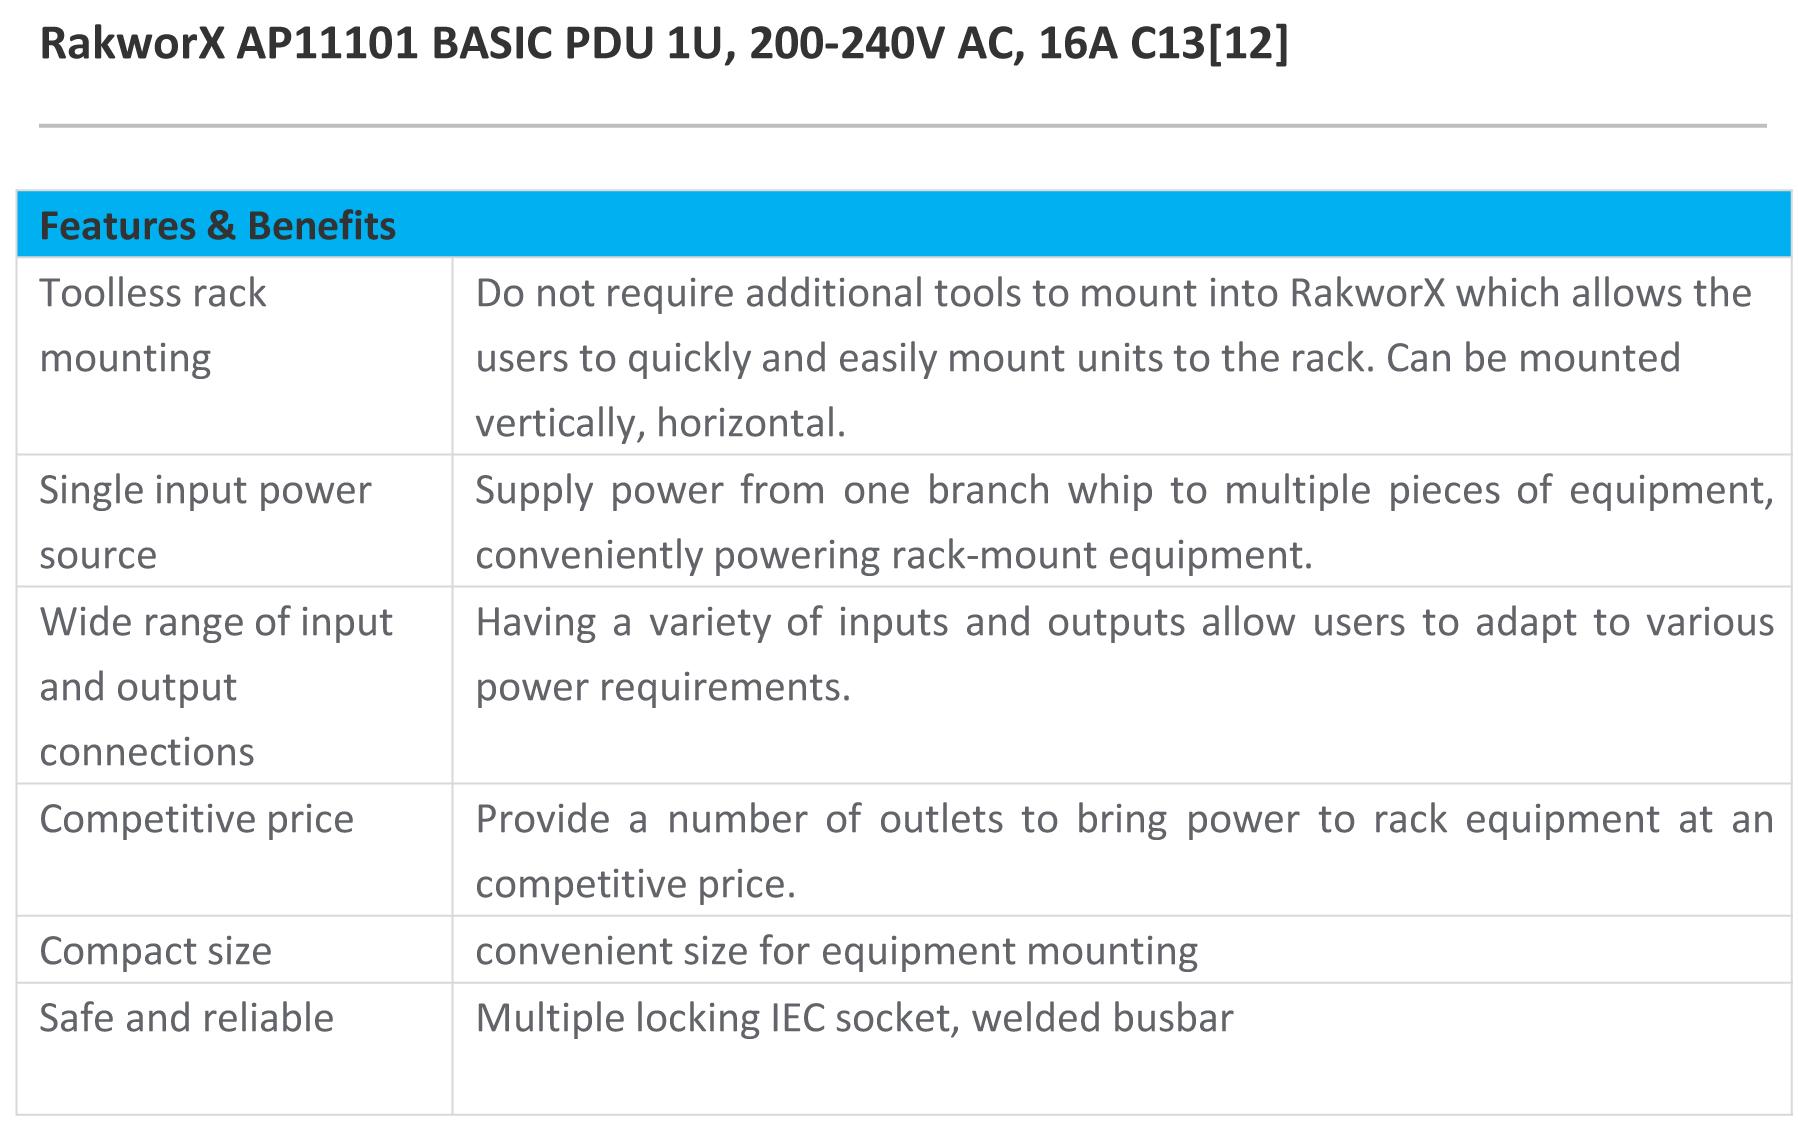 AP11101 BASIC PDU-1